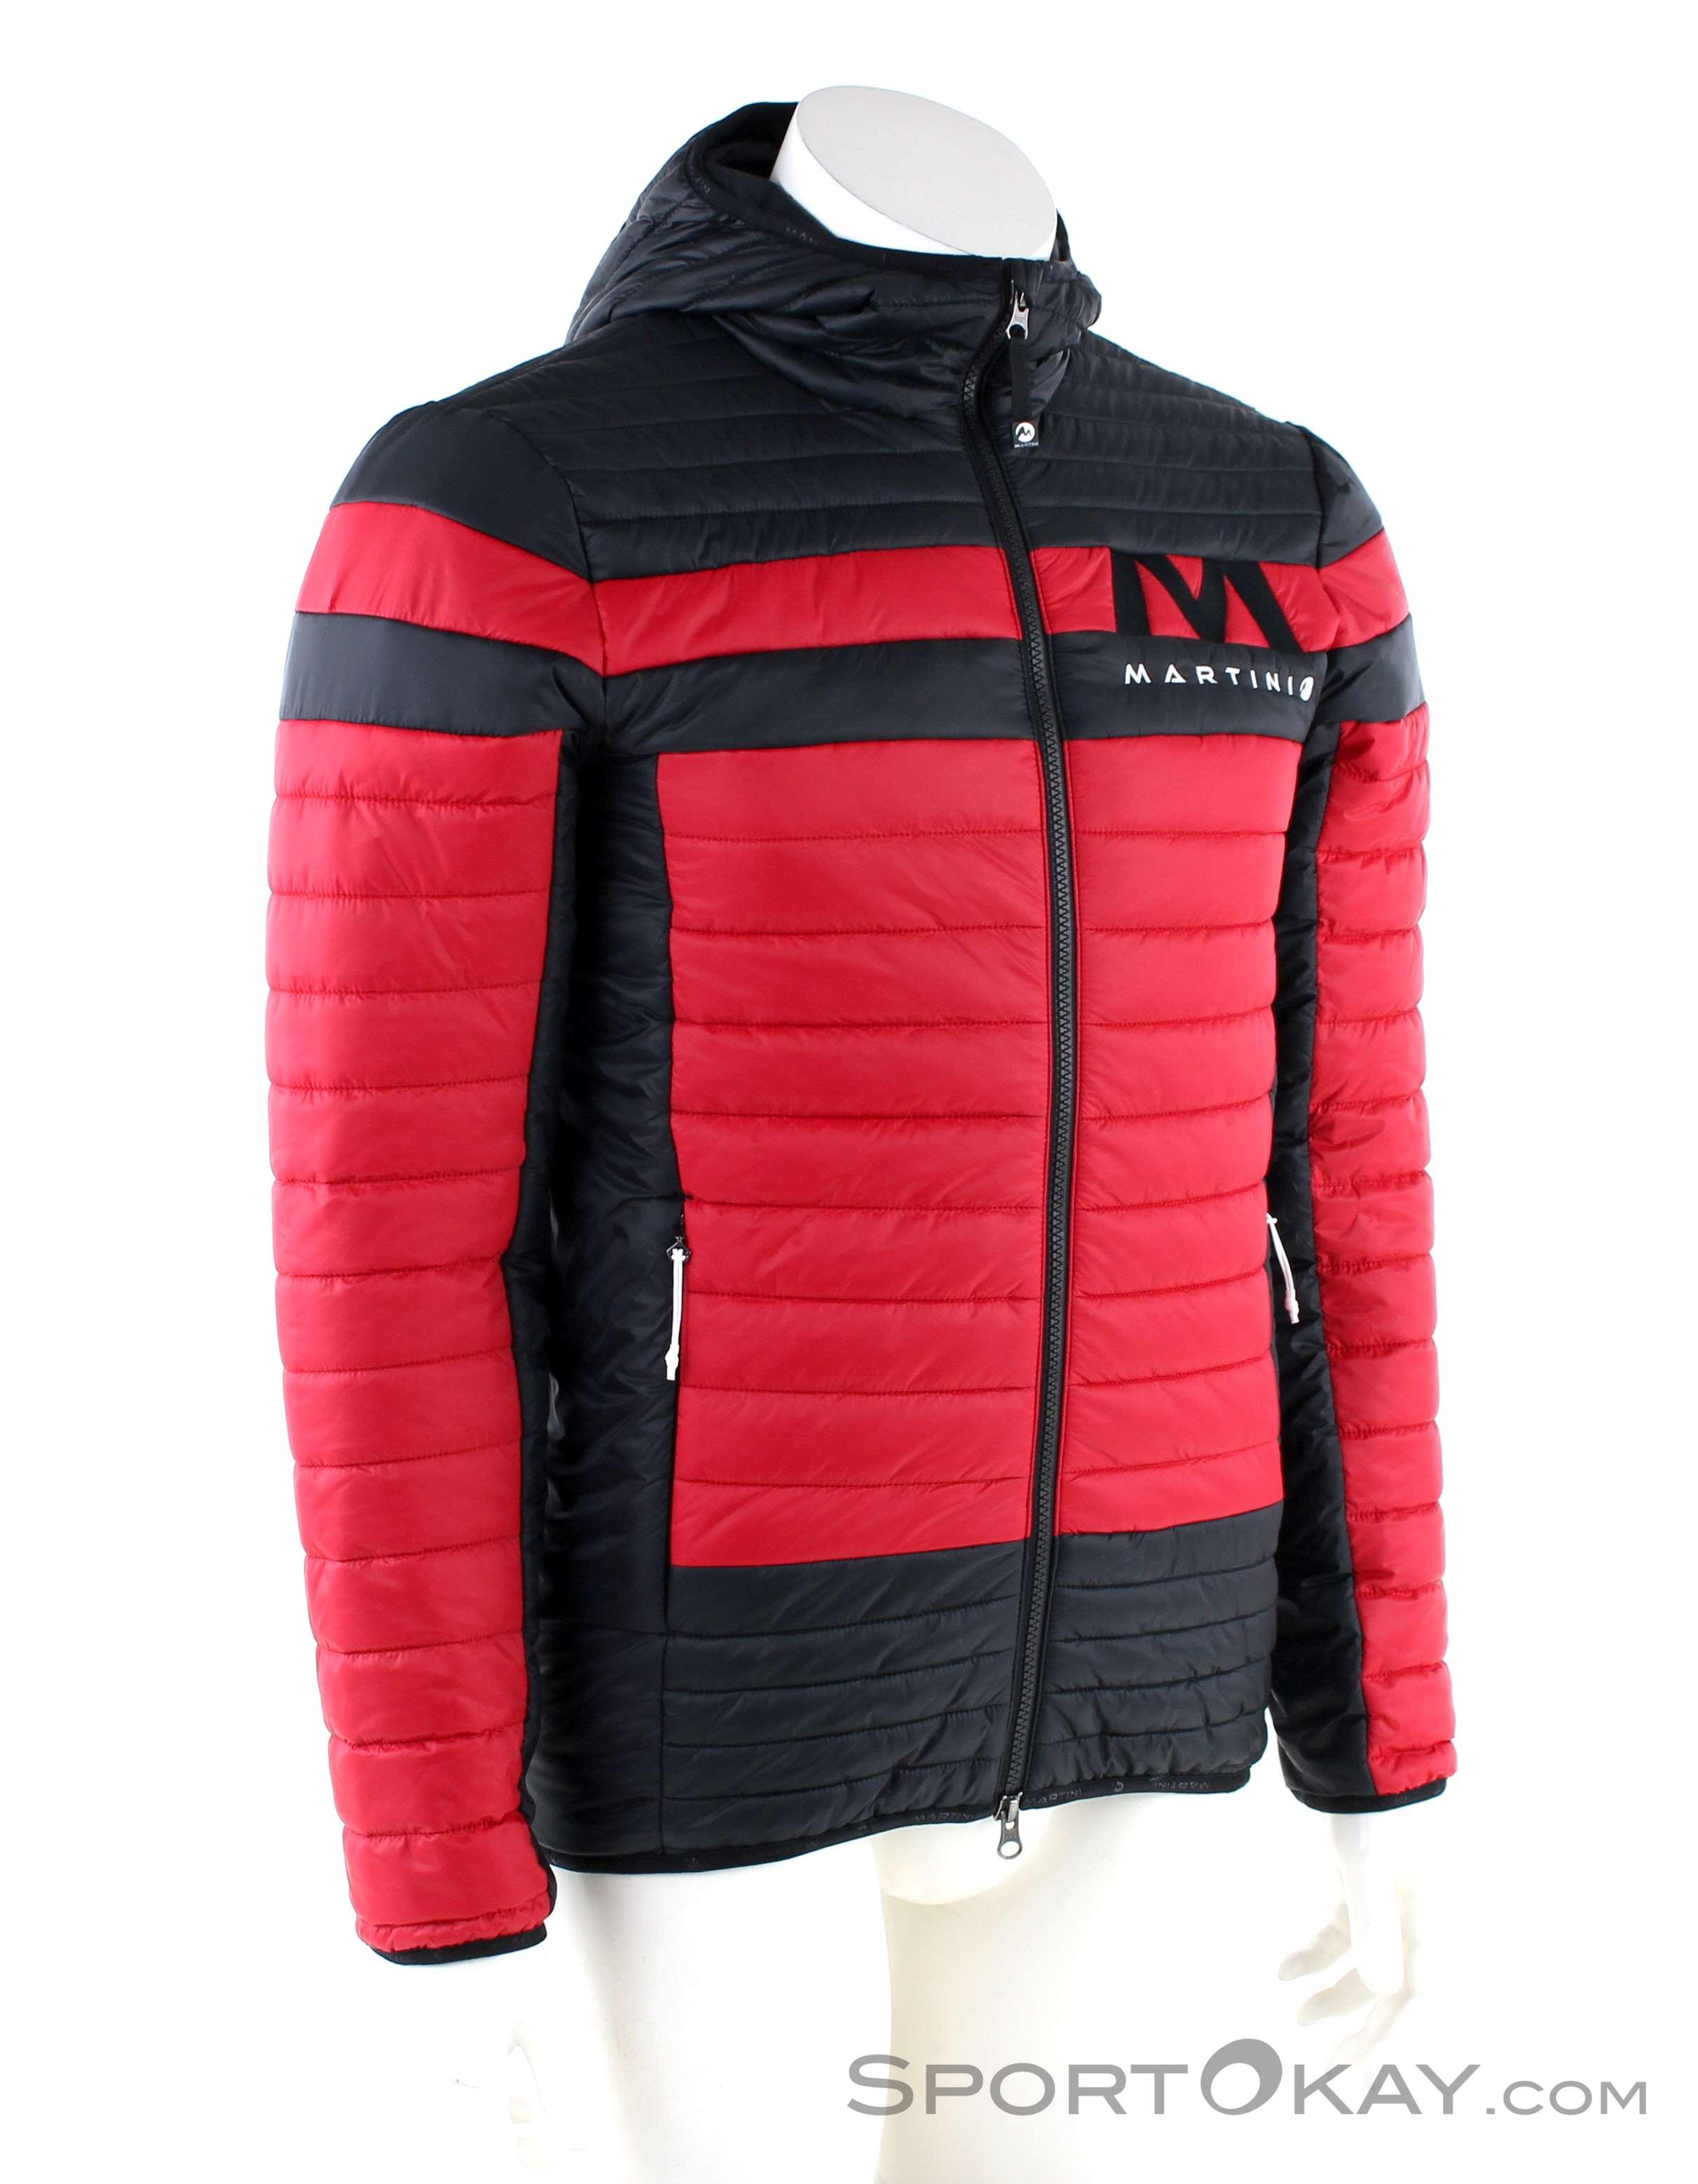 Martini Monterosso Mens Ski Touring Jacket Jackets